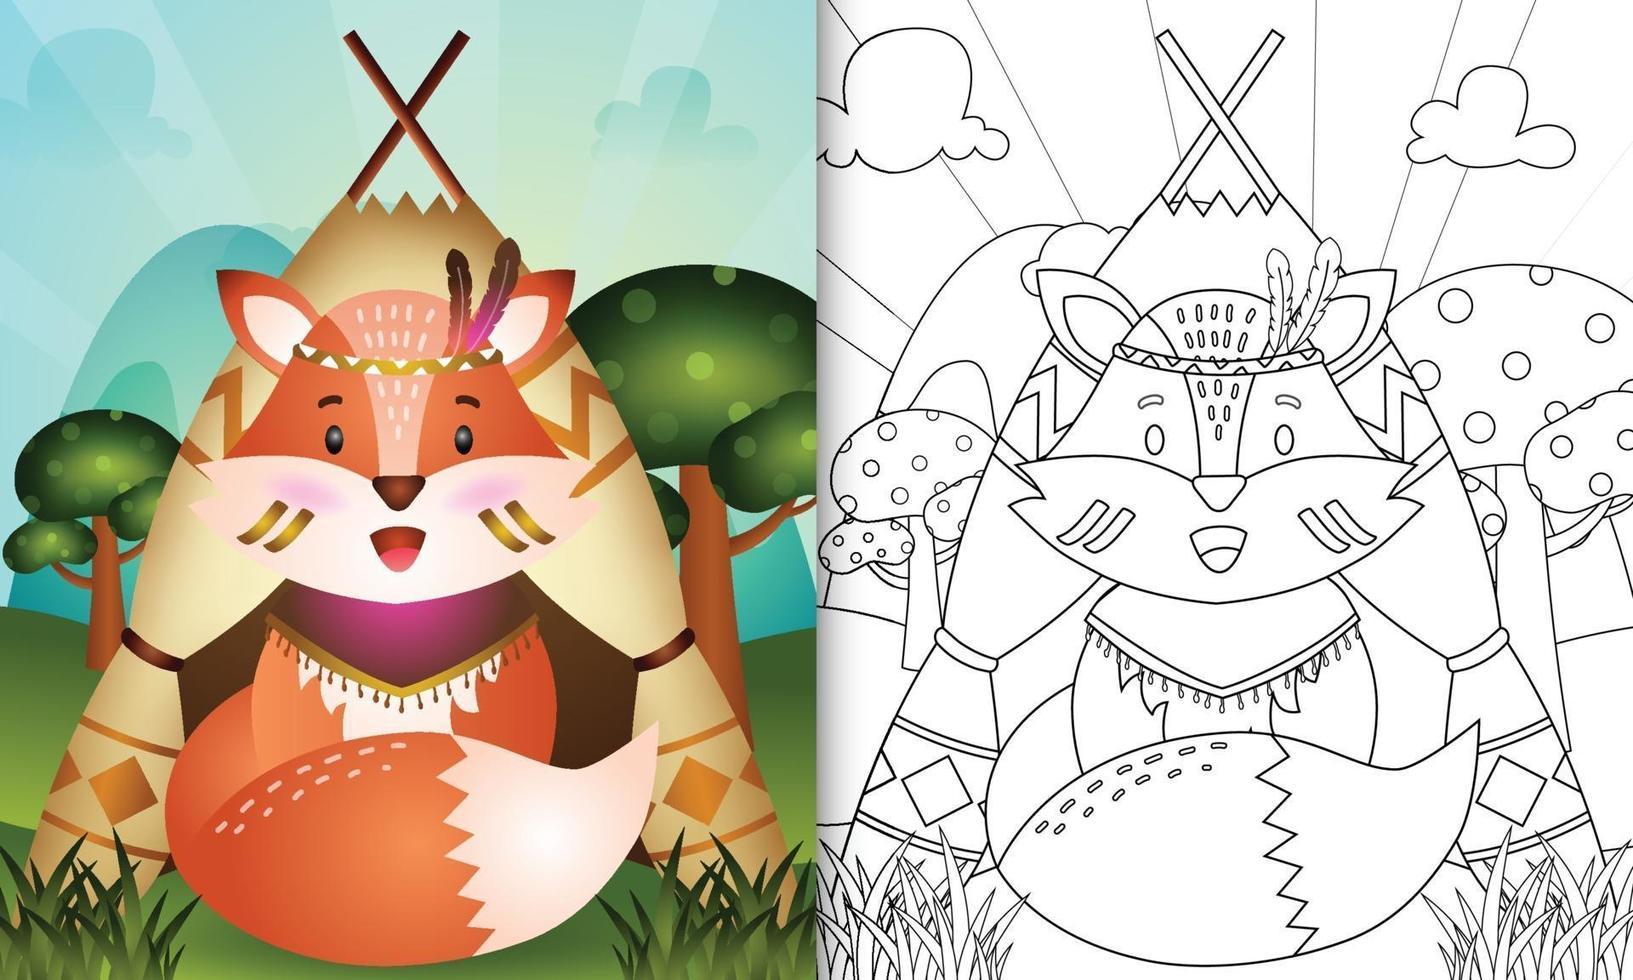 modèle de livre de coloriage pour les enfants avec une illustration de personnage de renard boho tribal mignon vecteur